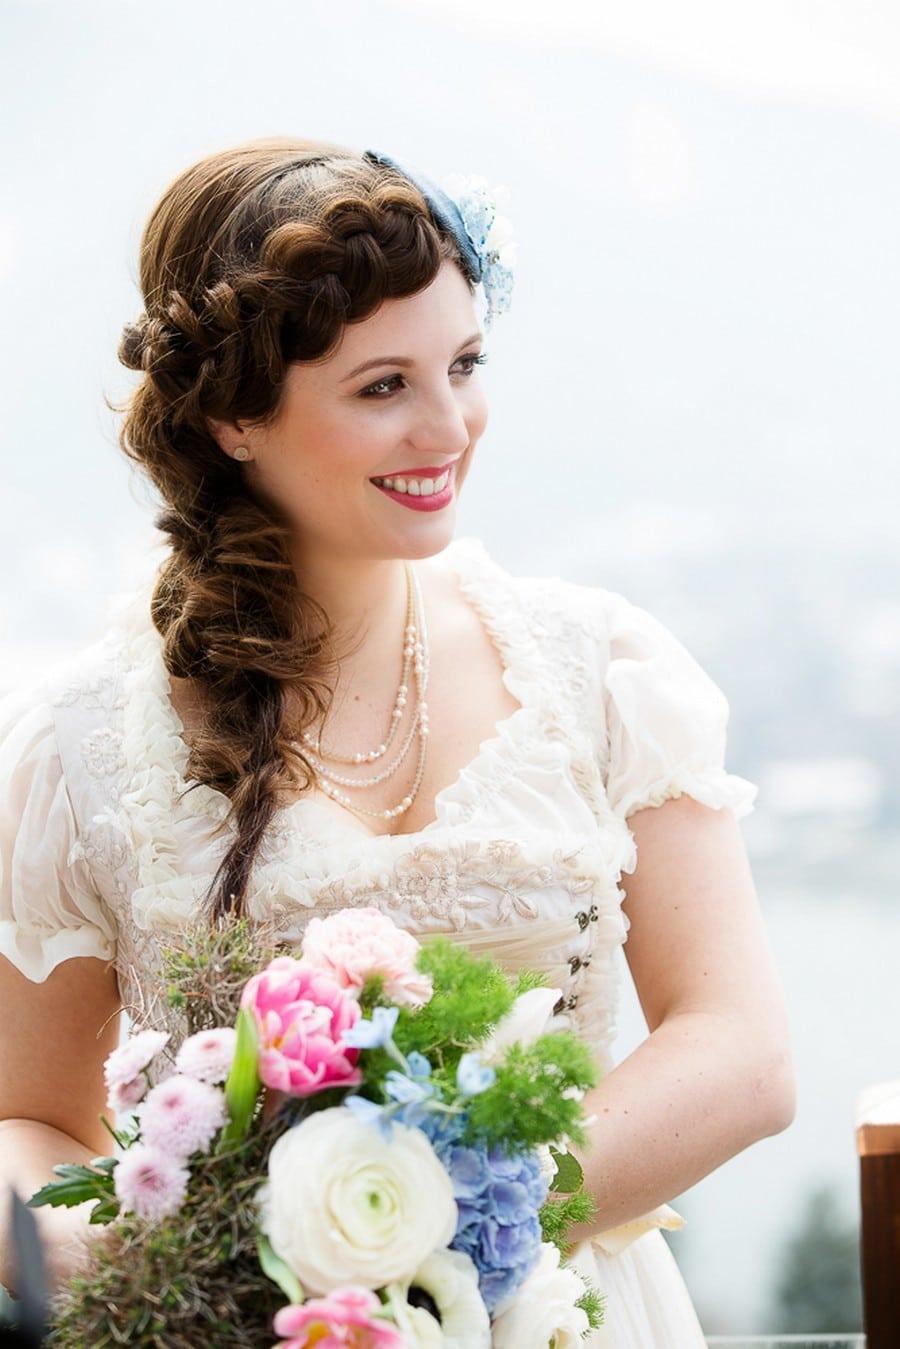 Brautfrisur passend zum Dirndl mit langen Haaren